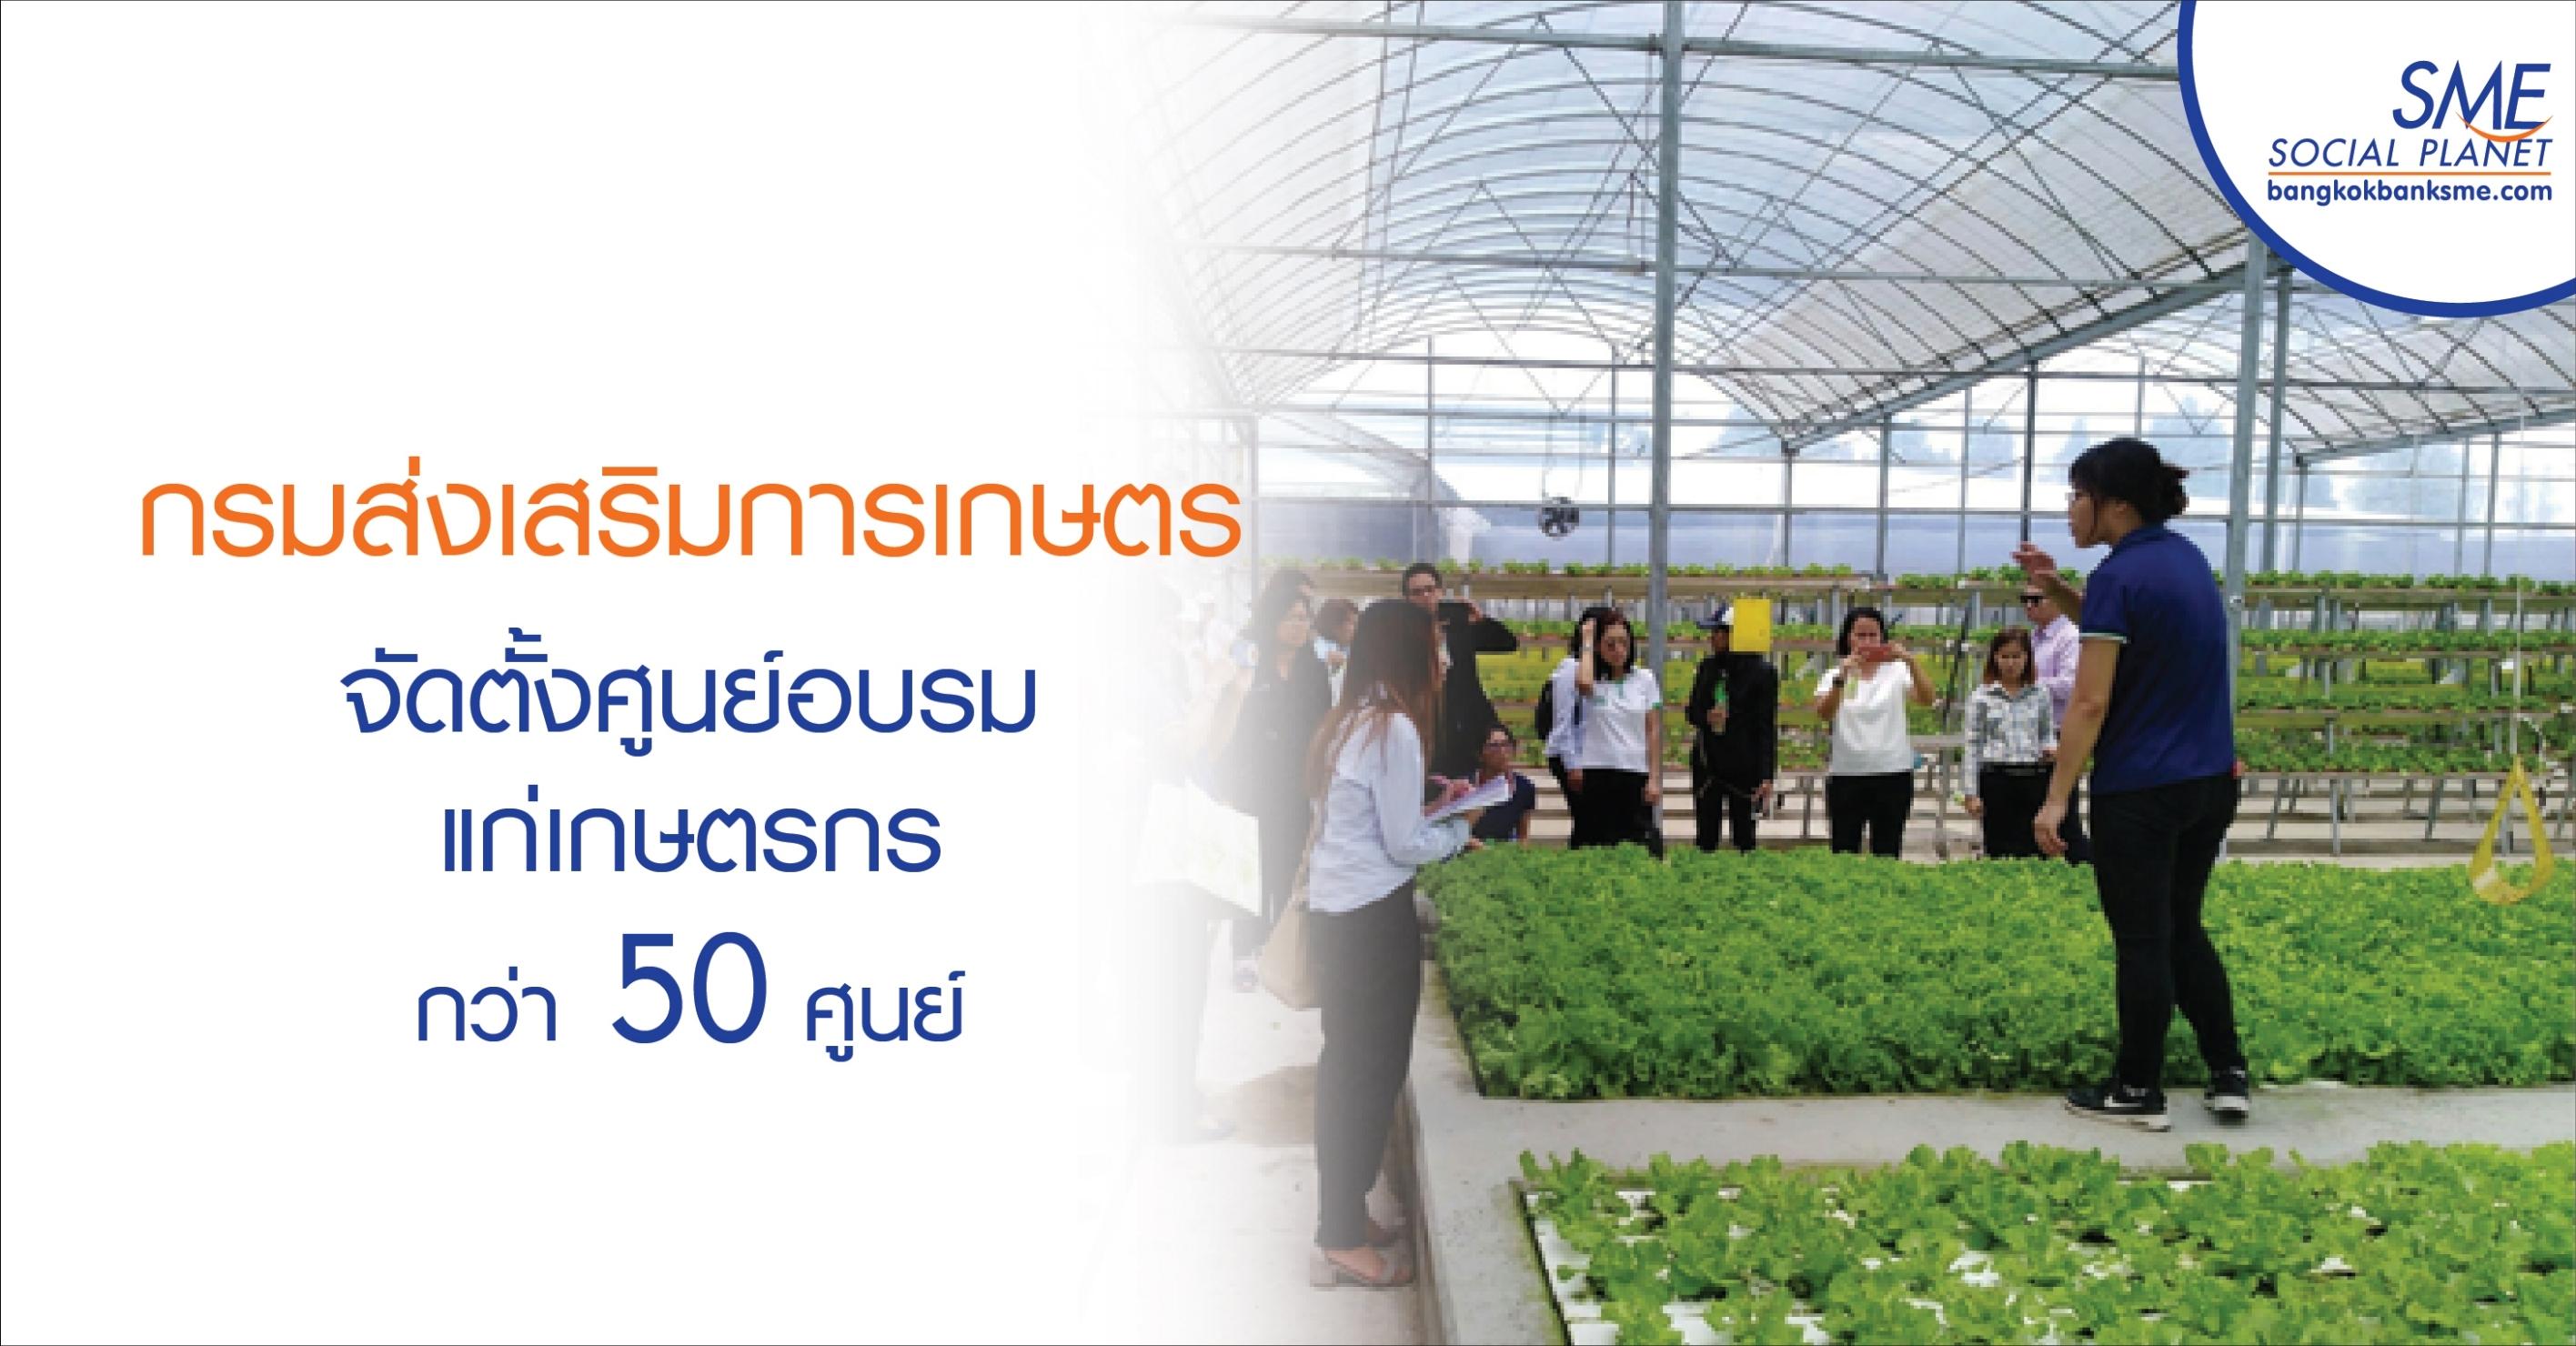 กรมส่งเสริมการเกษตรจัดตั้งศูนย์อบรมแก่เกษตรกรกว่า 50 ศูนย์